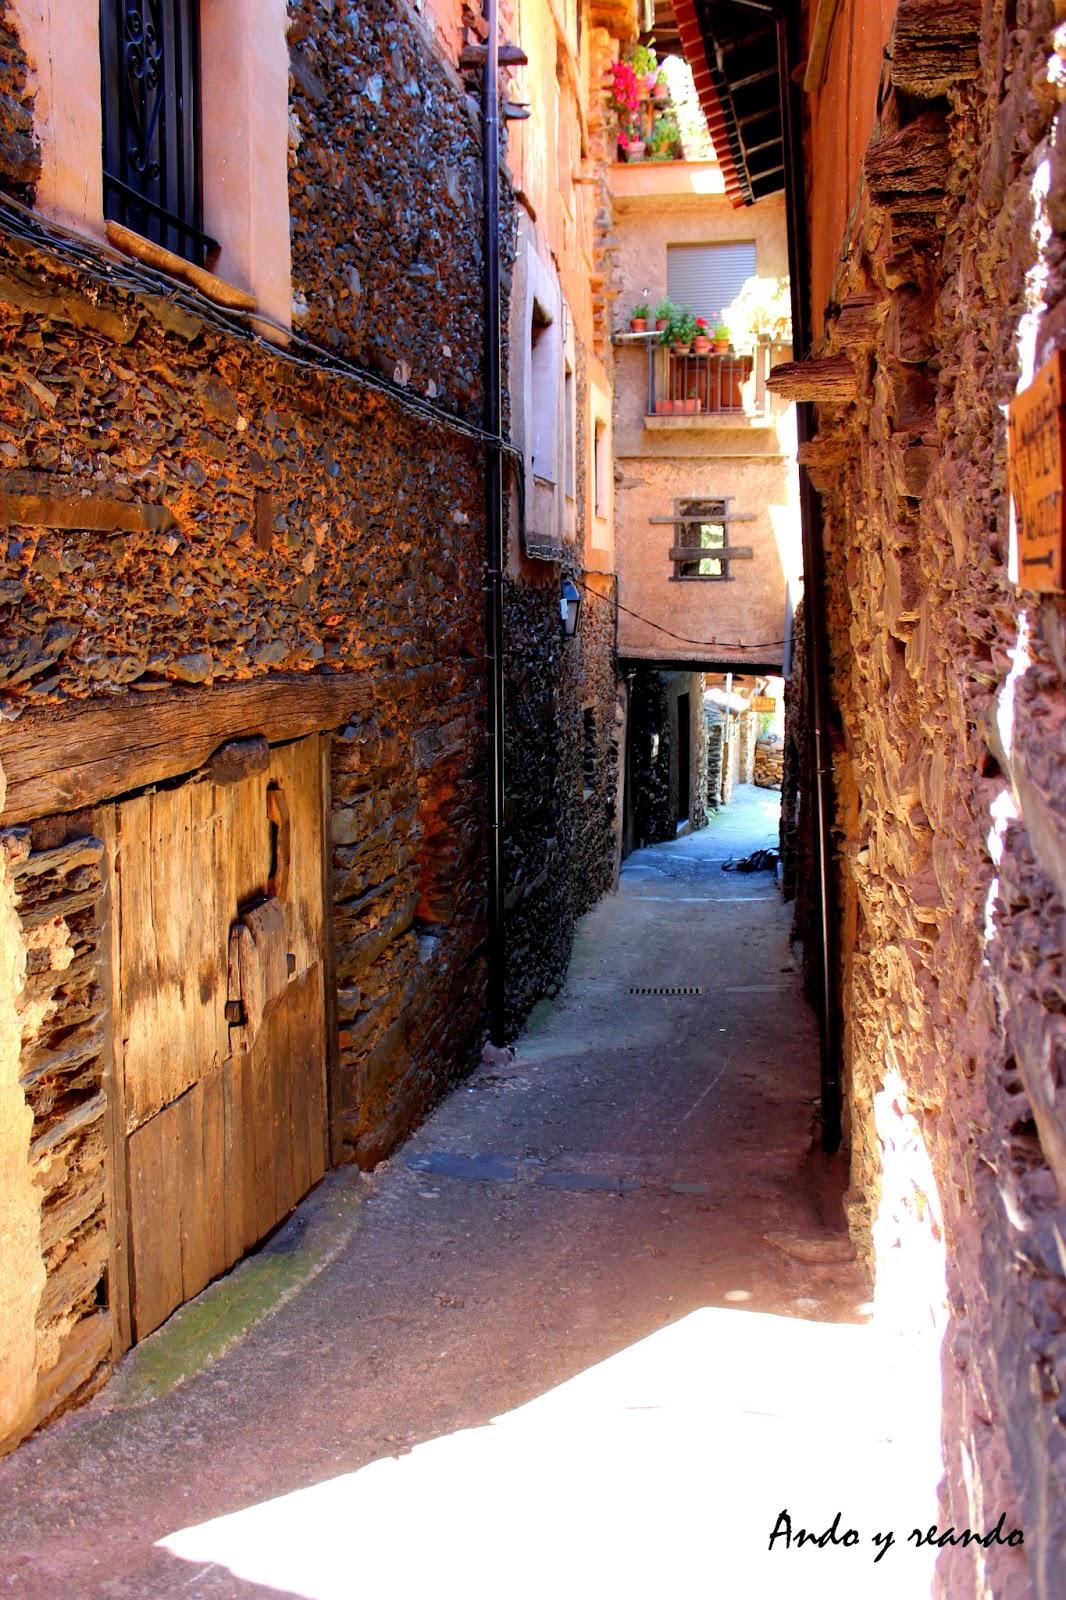 Calles típicas de Robledillo de Gata (Cáceres)